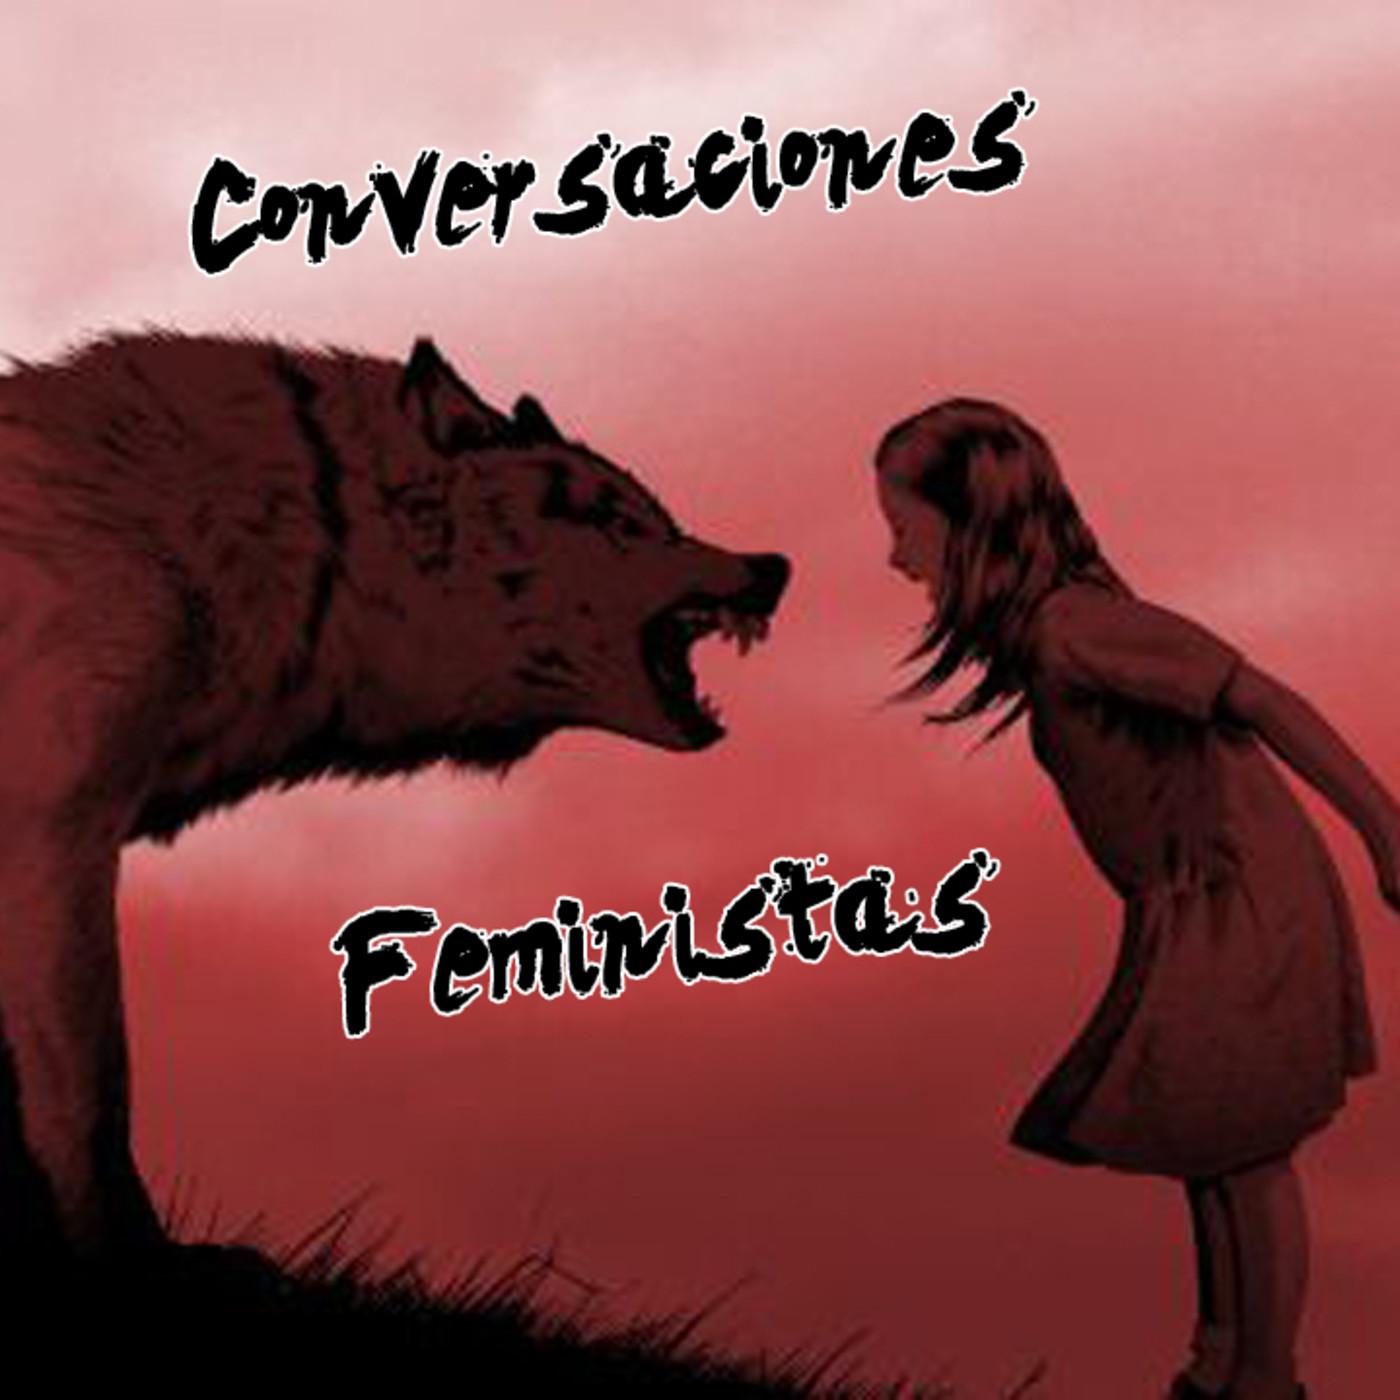 Conversaciones Feministas